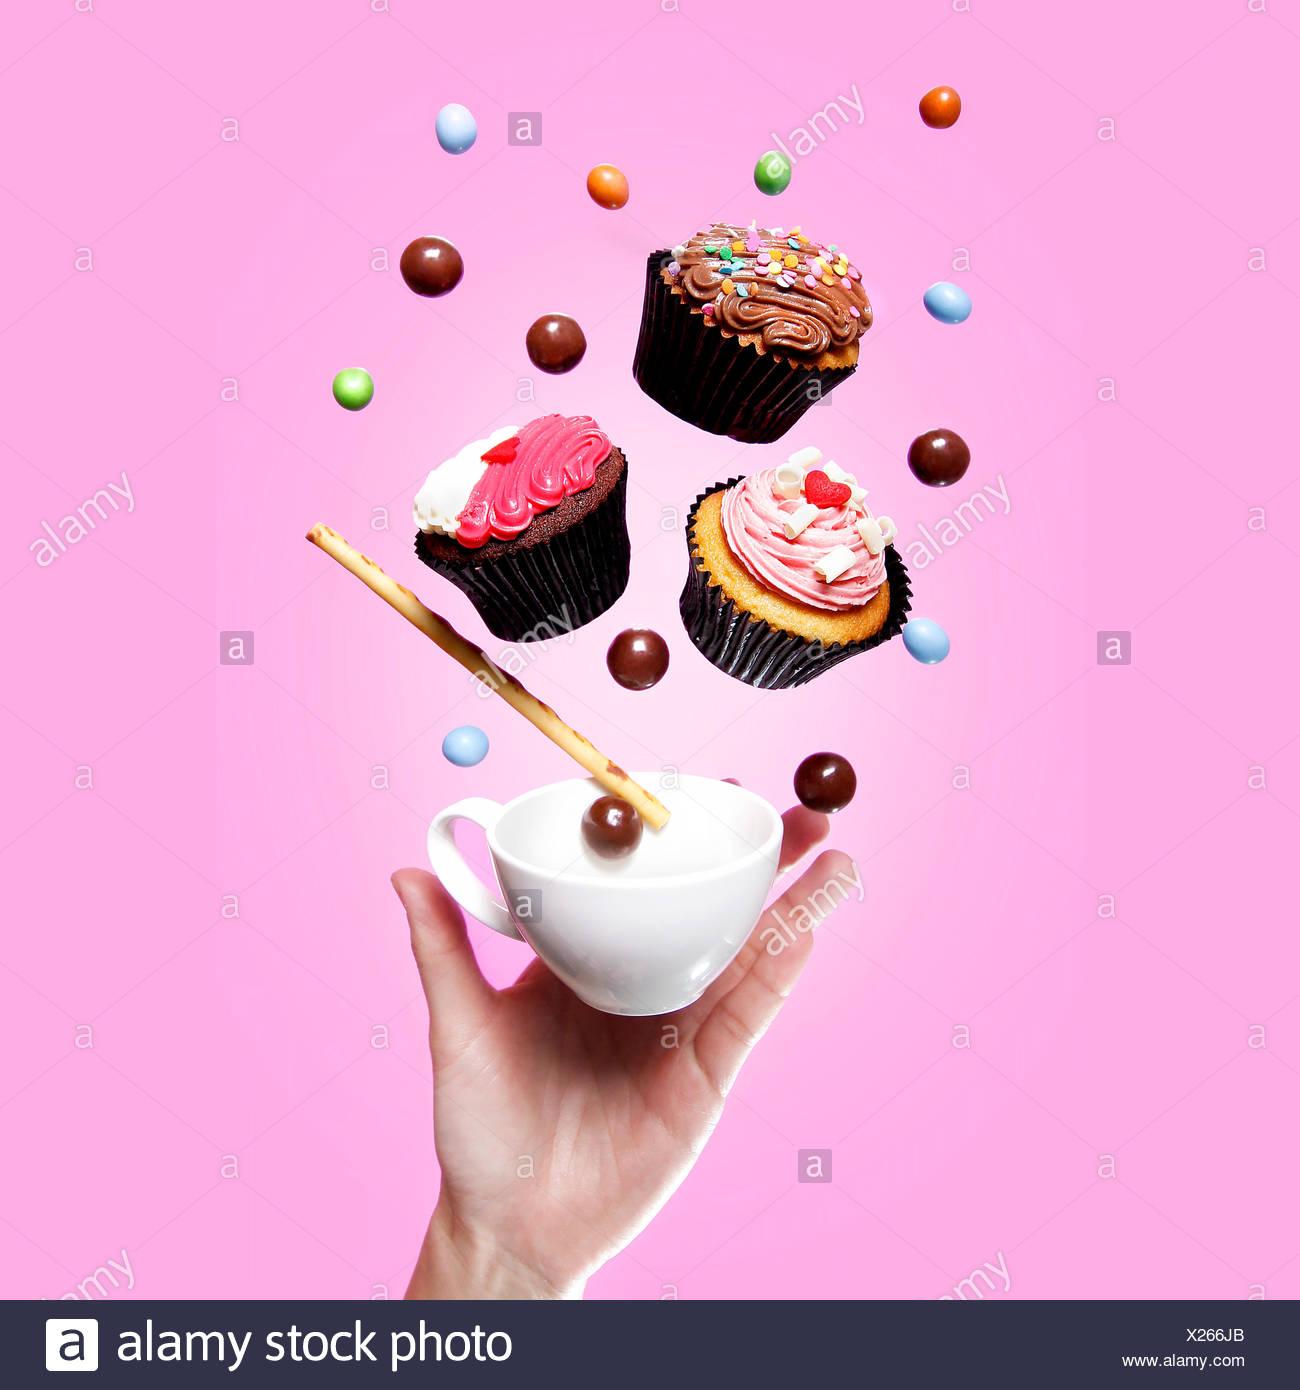 Fliegen, Cupcakes, Teetasse, Süßigkeiten und eine hand Stockbild